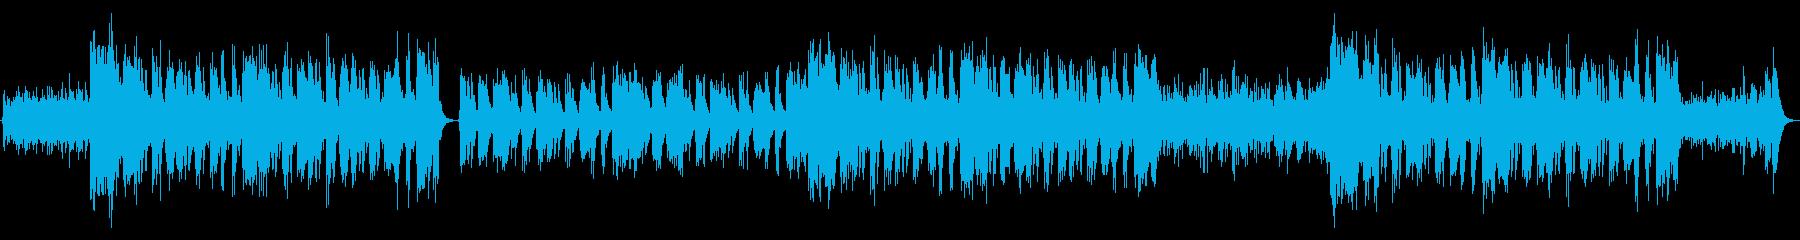 【リズム・メロディー無し】オーケス…冒険の再生済みの波形